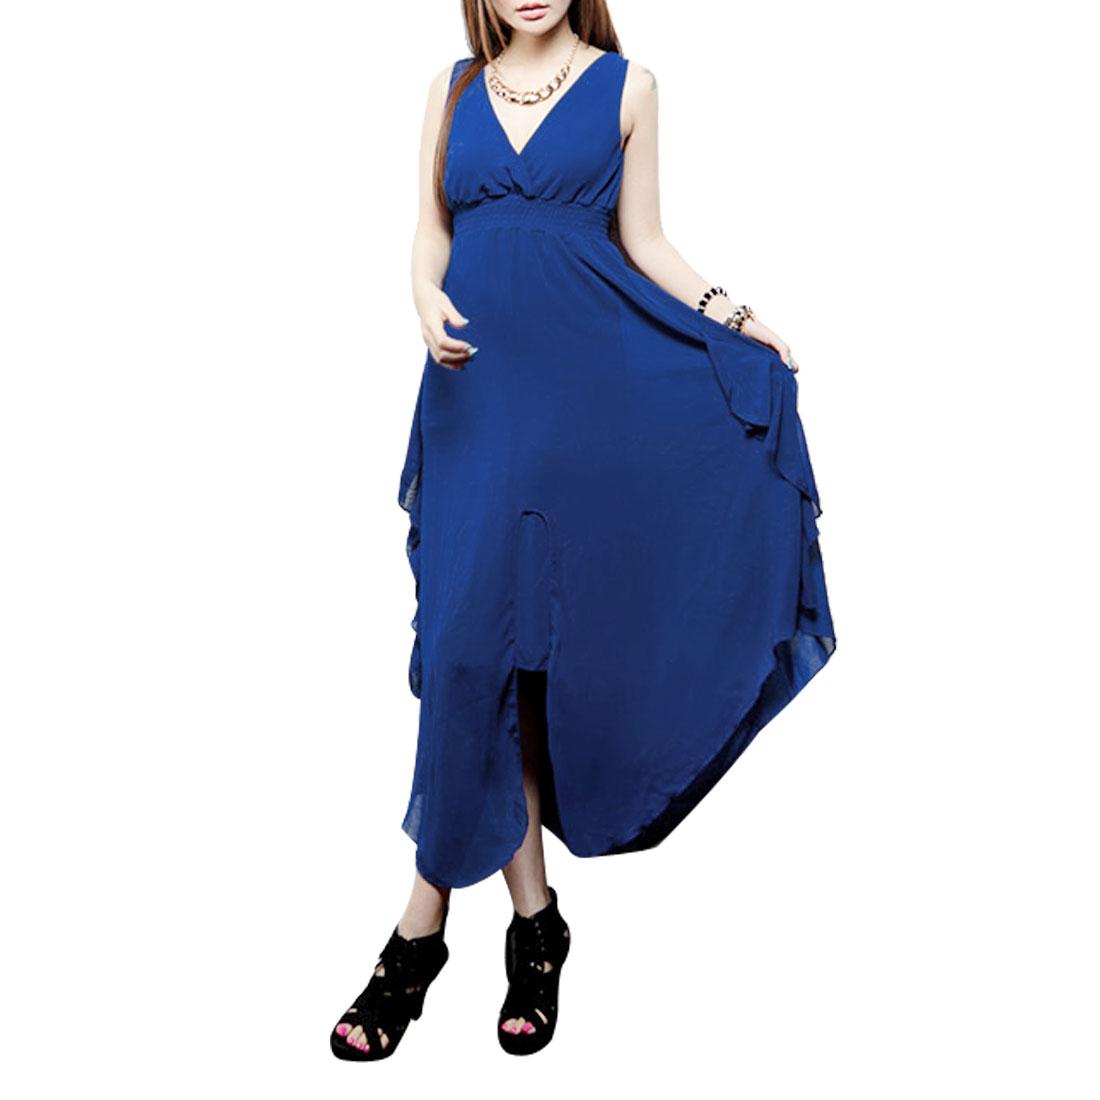 Lining High Waist Summer Casual Empire Tank Dress Blue XS for Woman